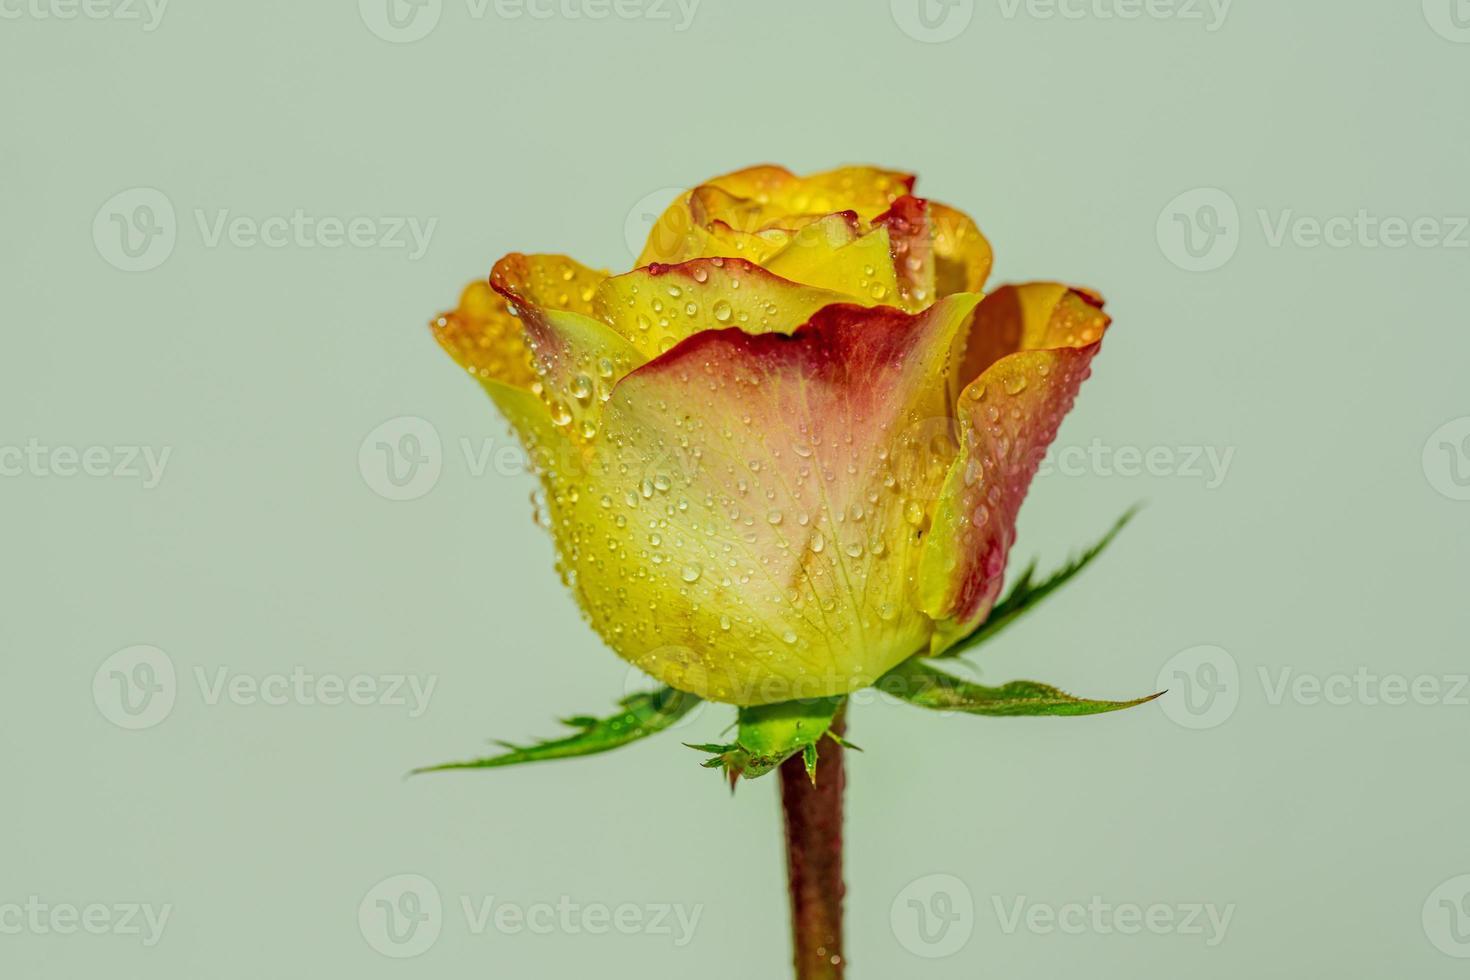 une seule rose jaune et rouge couverte d'humidité photo